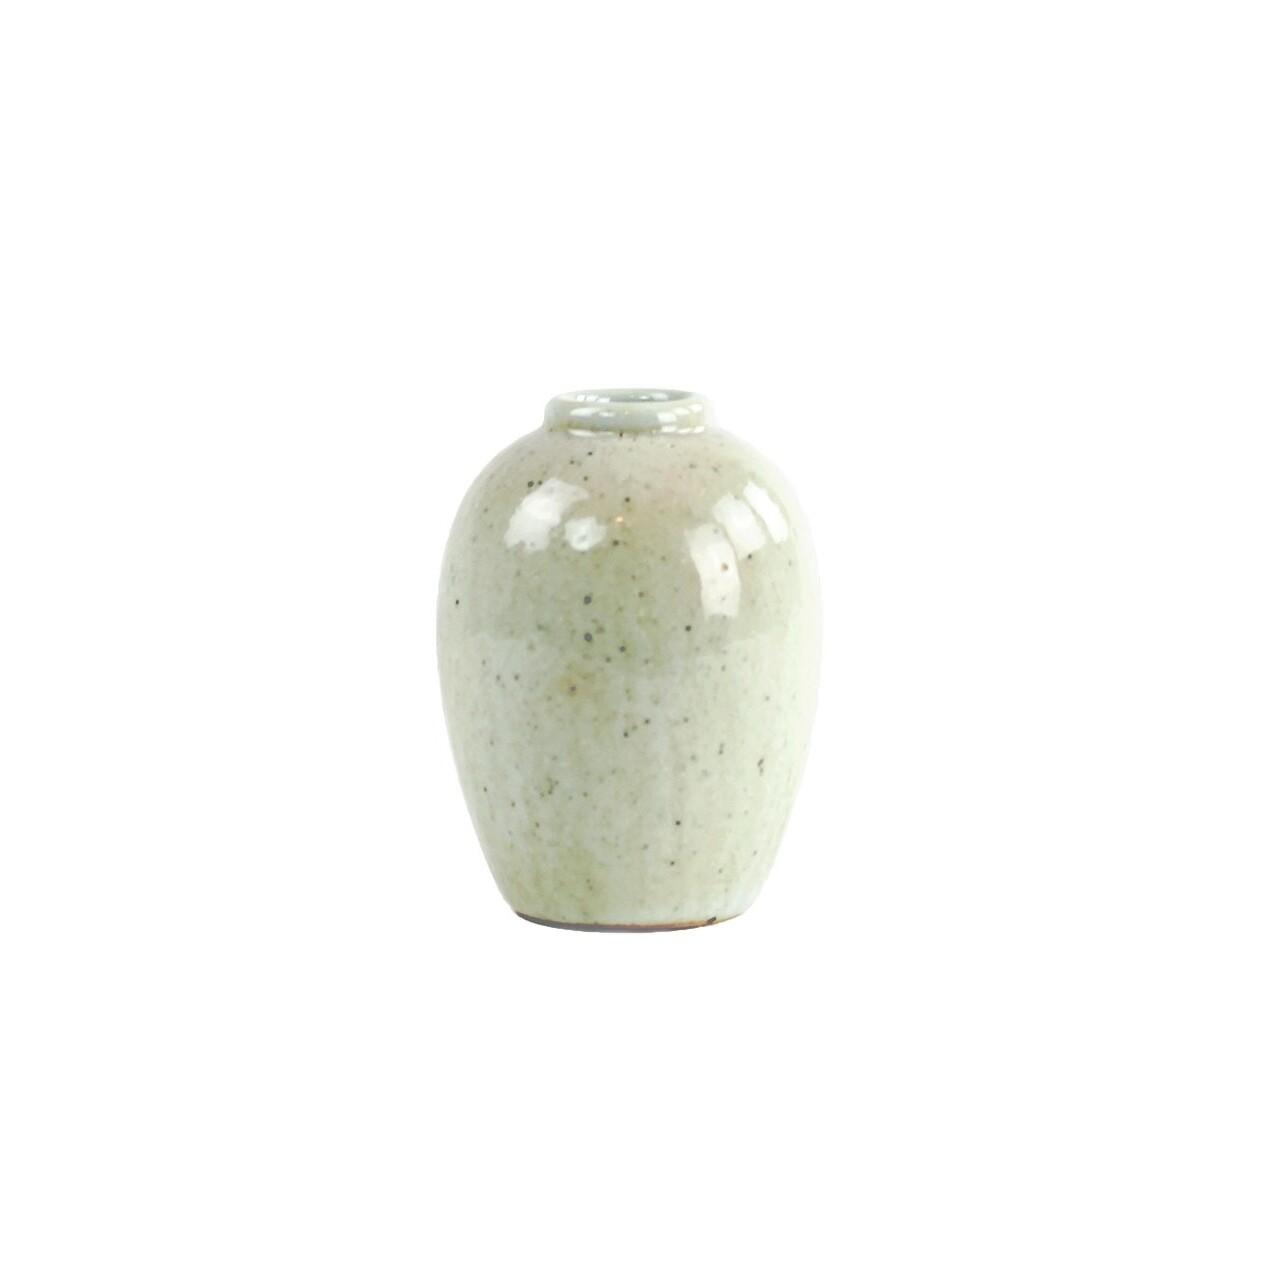 Rustic Blanc De Chine Vase- Acorn